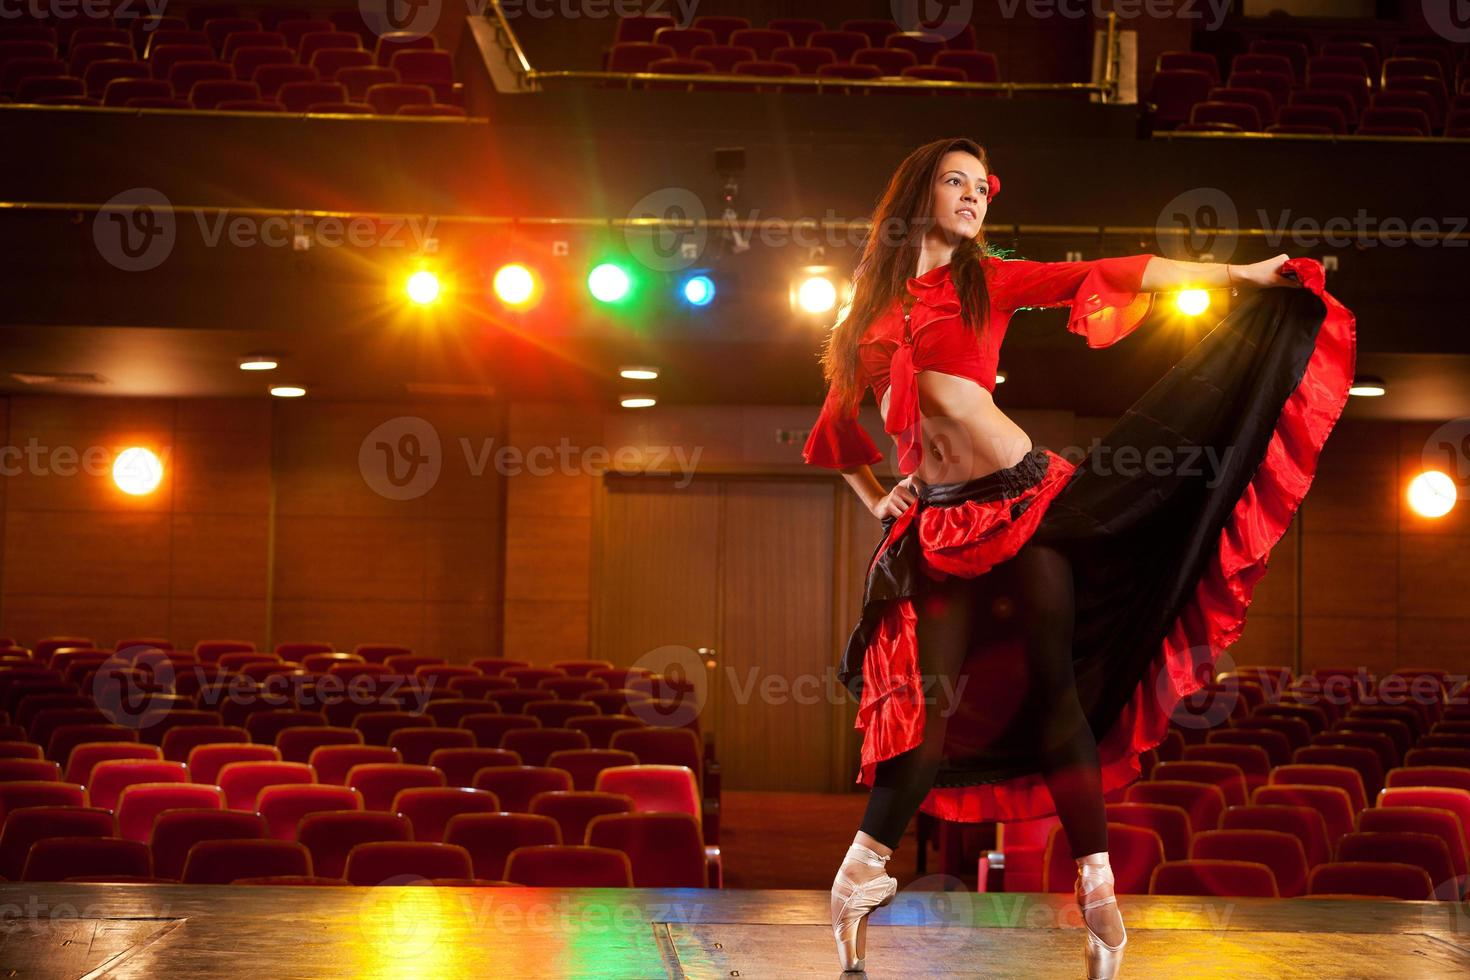 grazia della ballerina foto